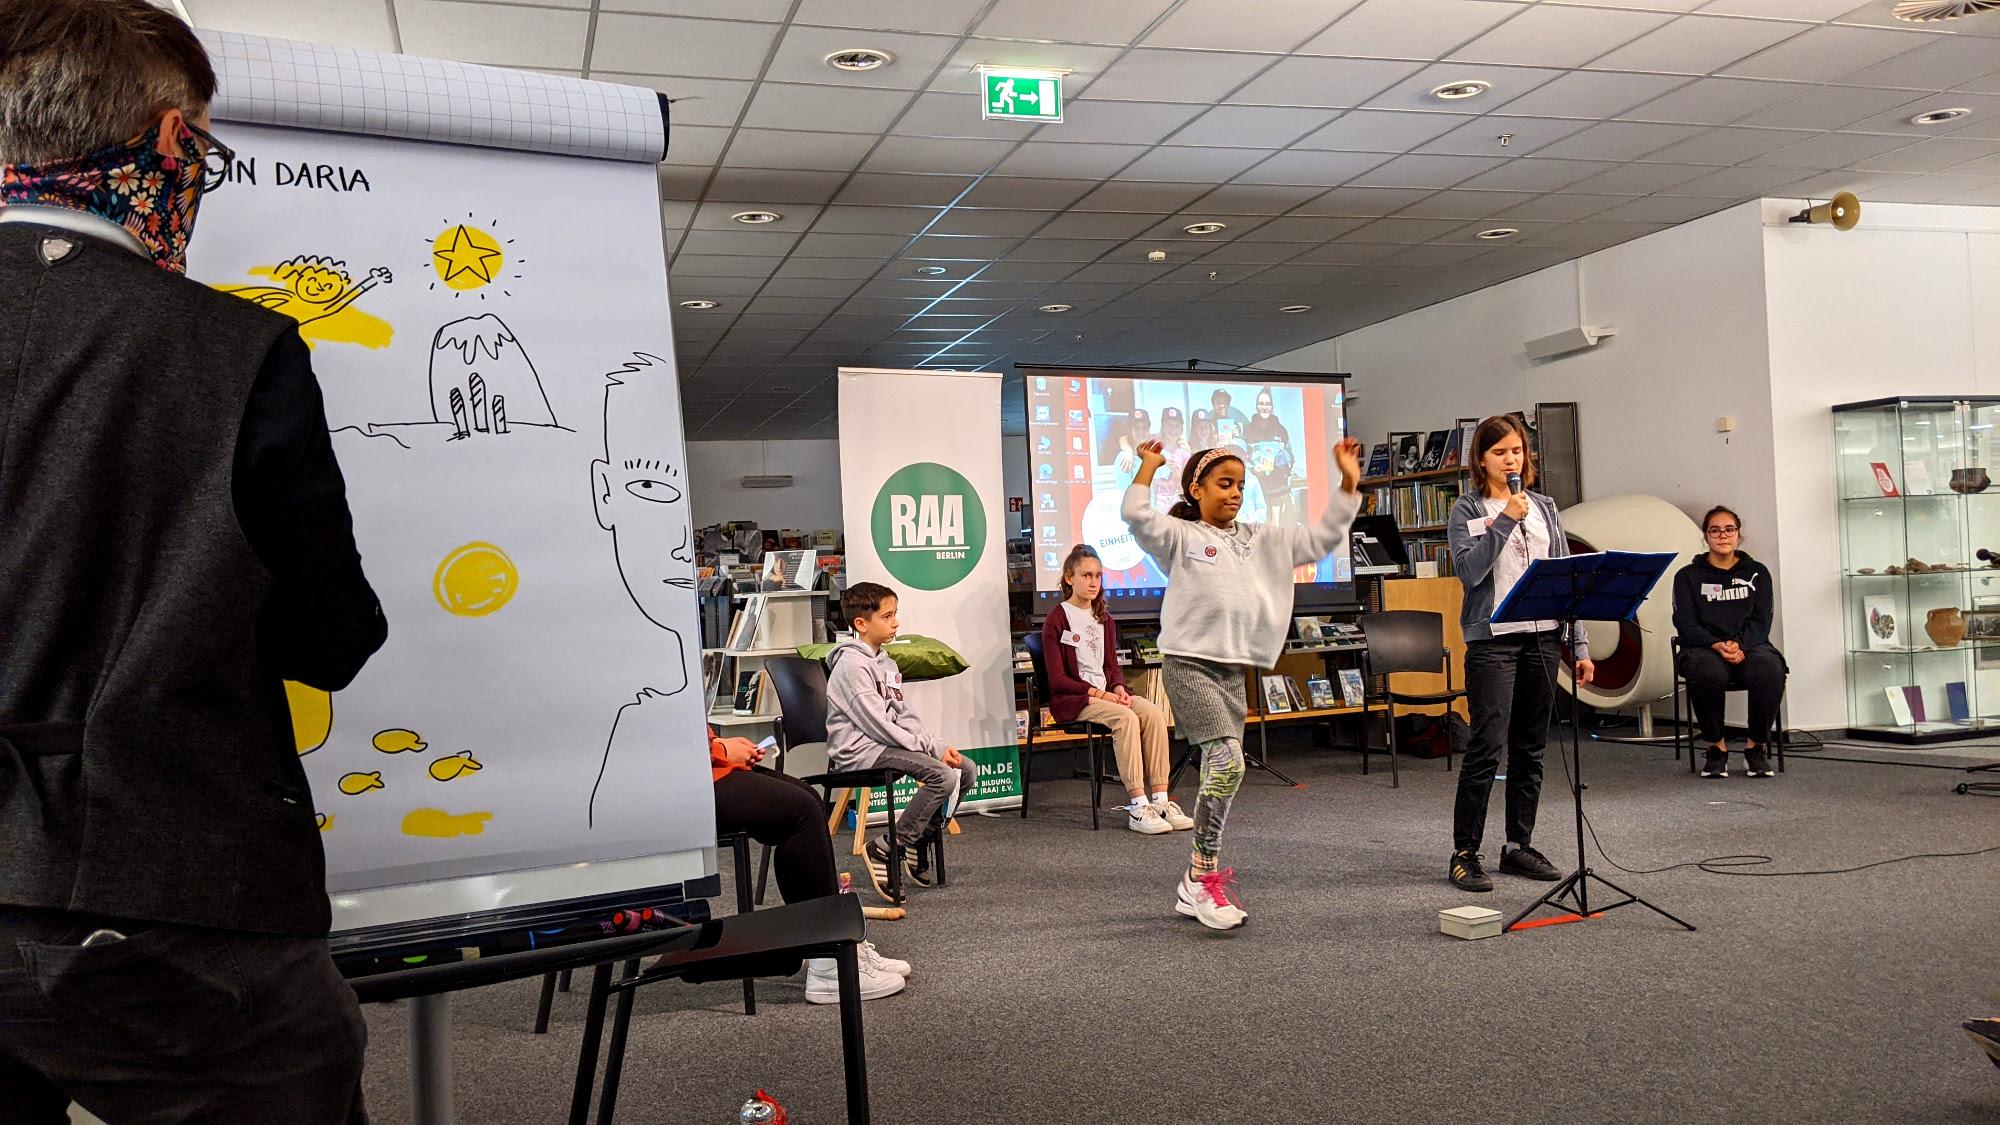 Zwei Mädchen agieren auf der Bühne. Links an der Seite zeichnet Ka Schmitz ein Bild dazu.